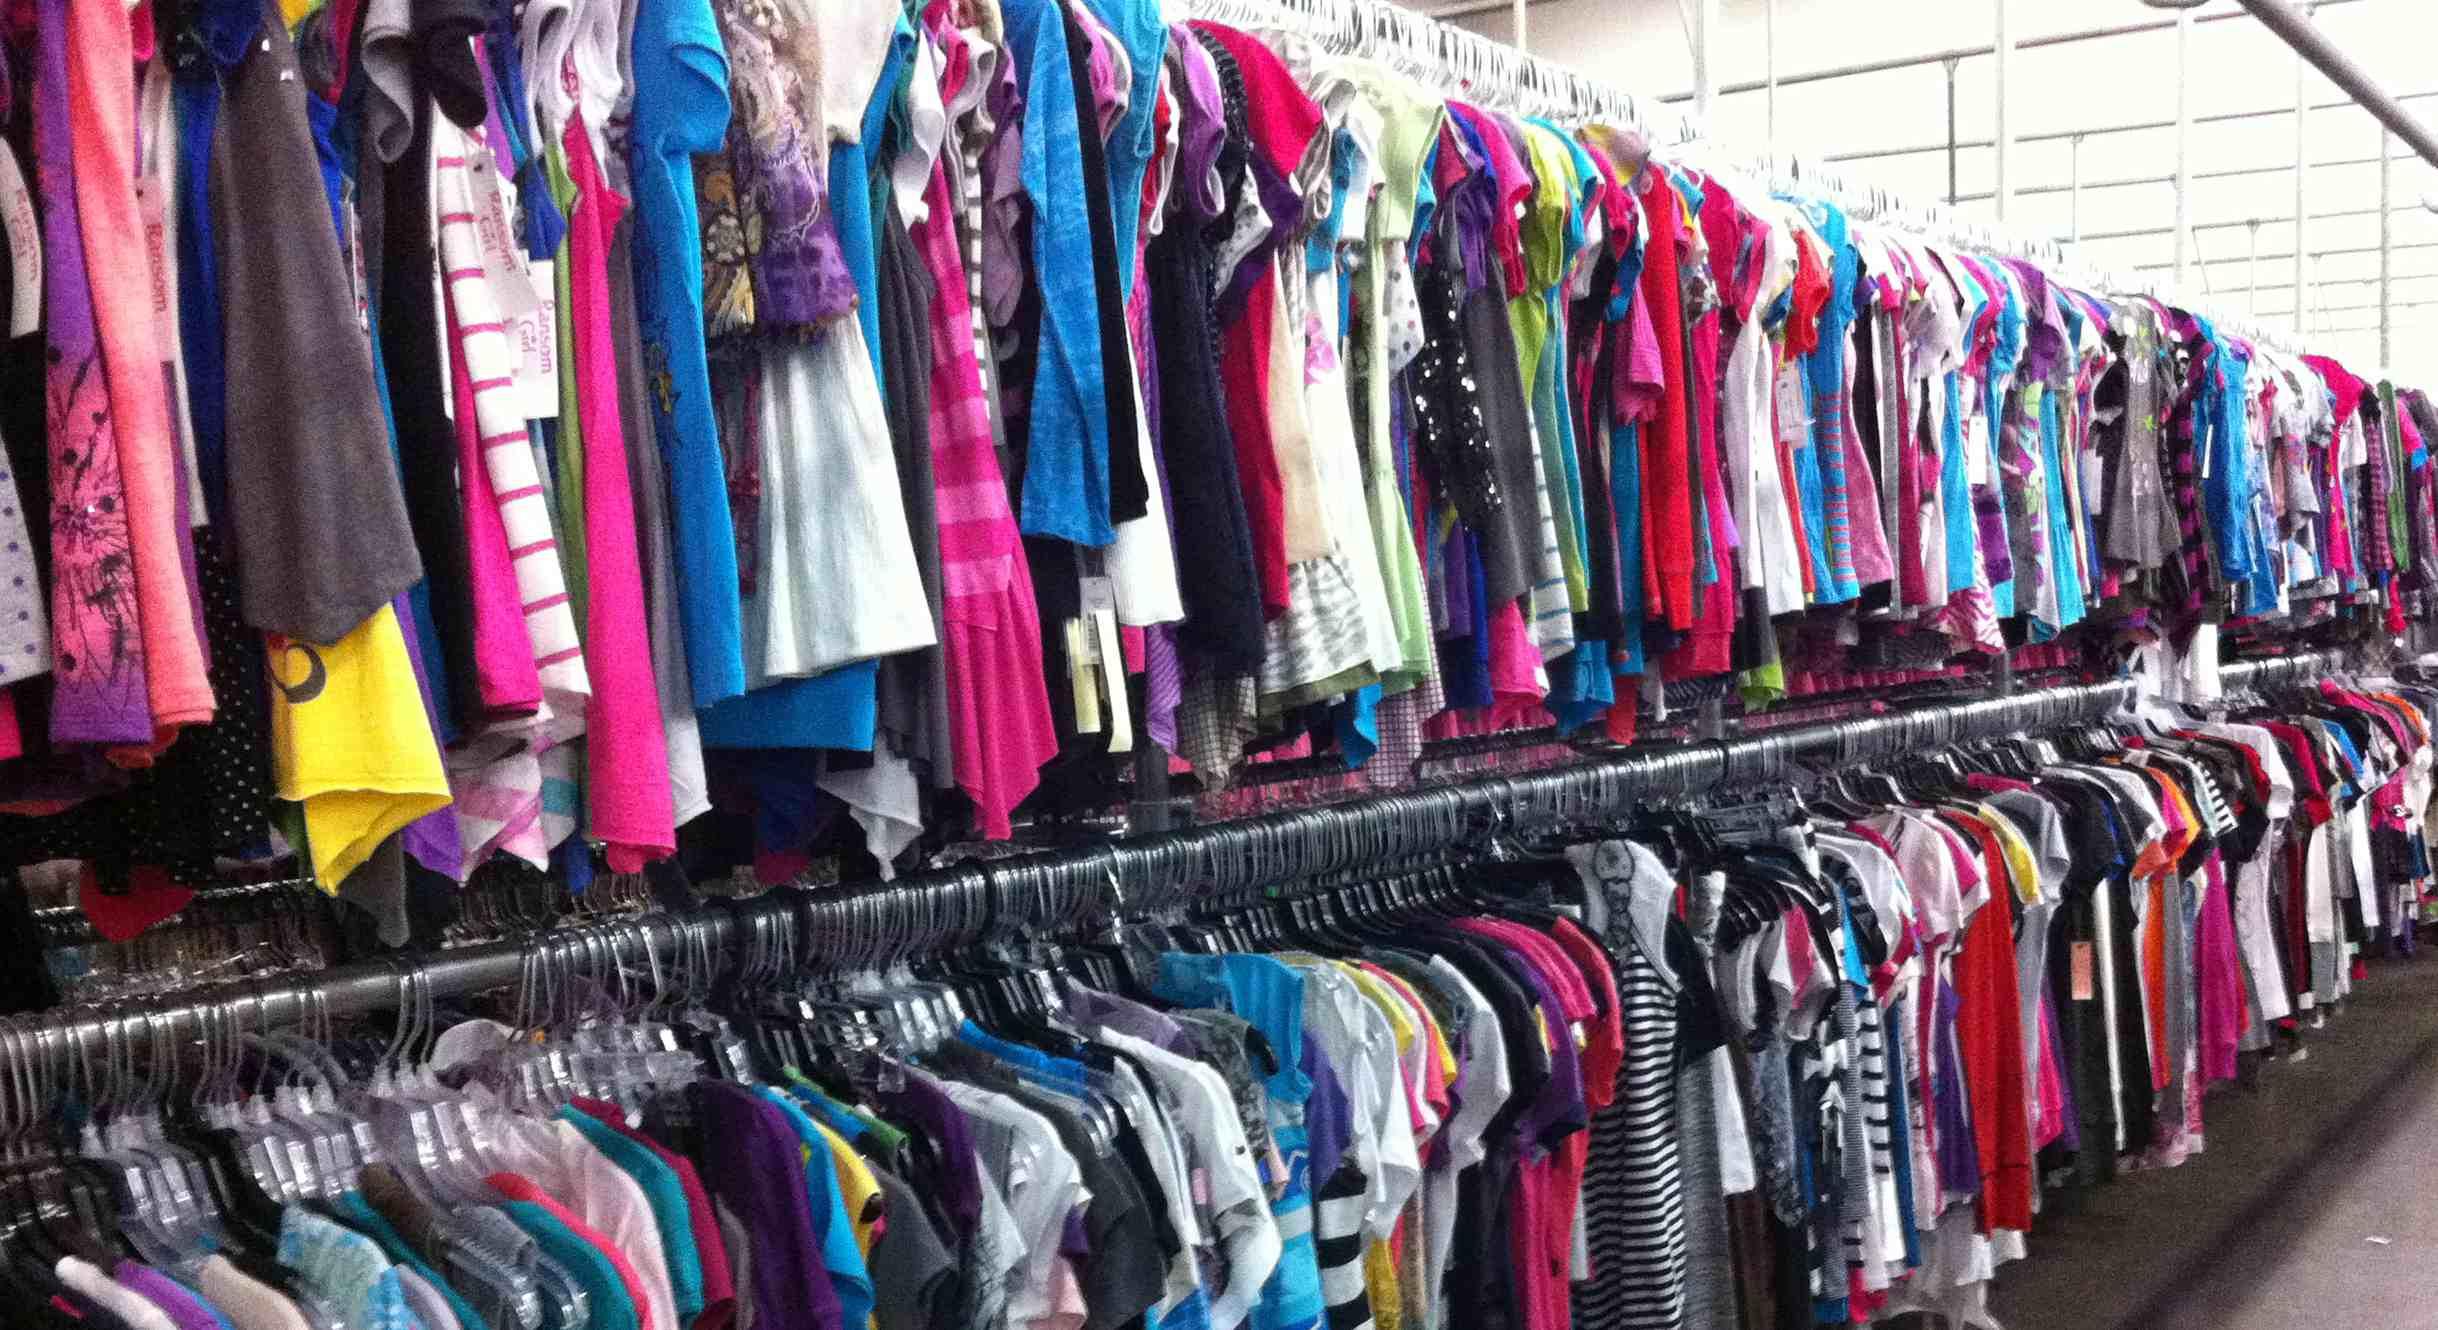 Expertos aseguran que las prendas recién adquiridas no están tan limpias como tiende a pensarse